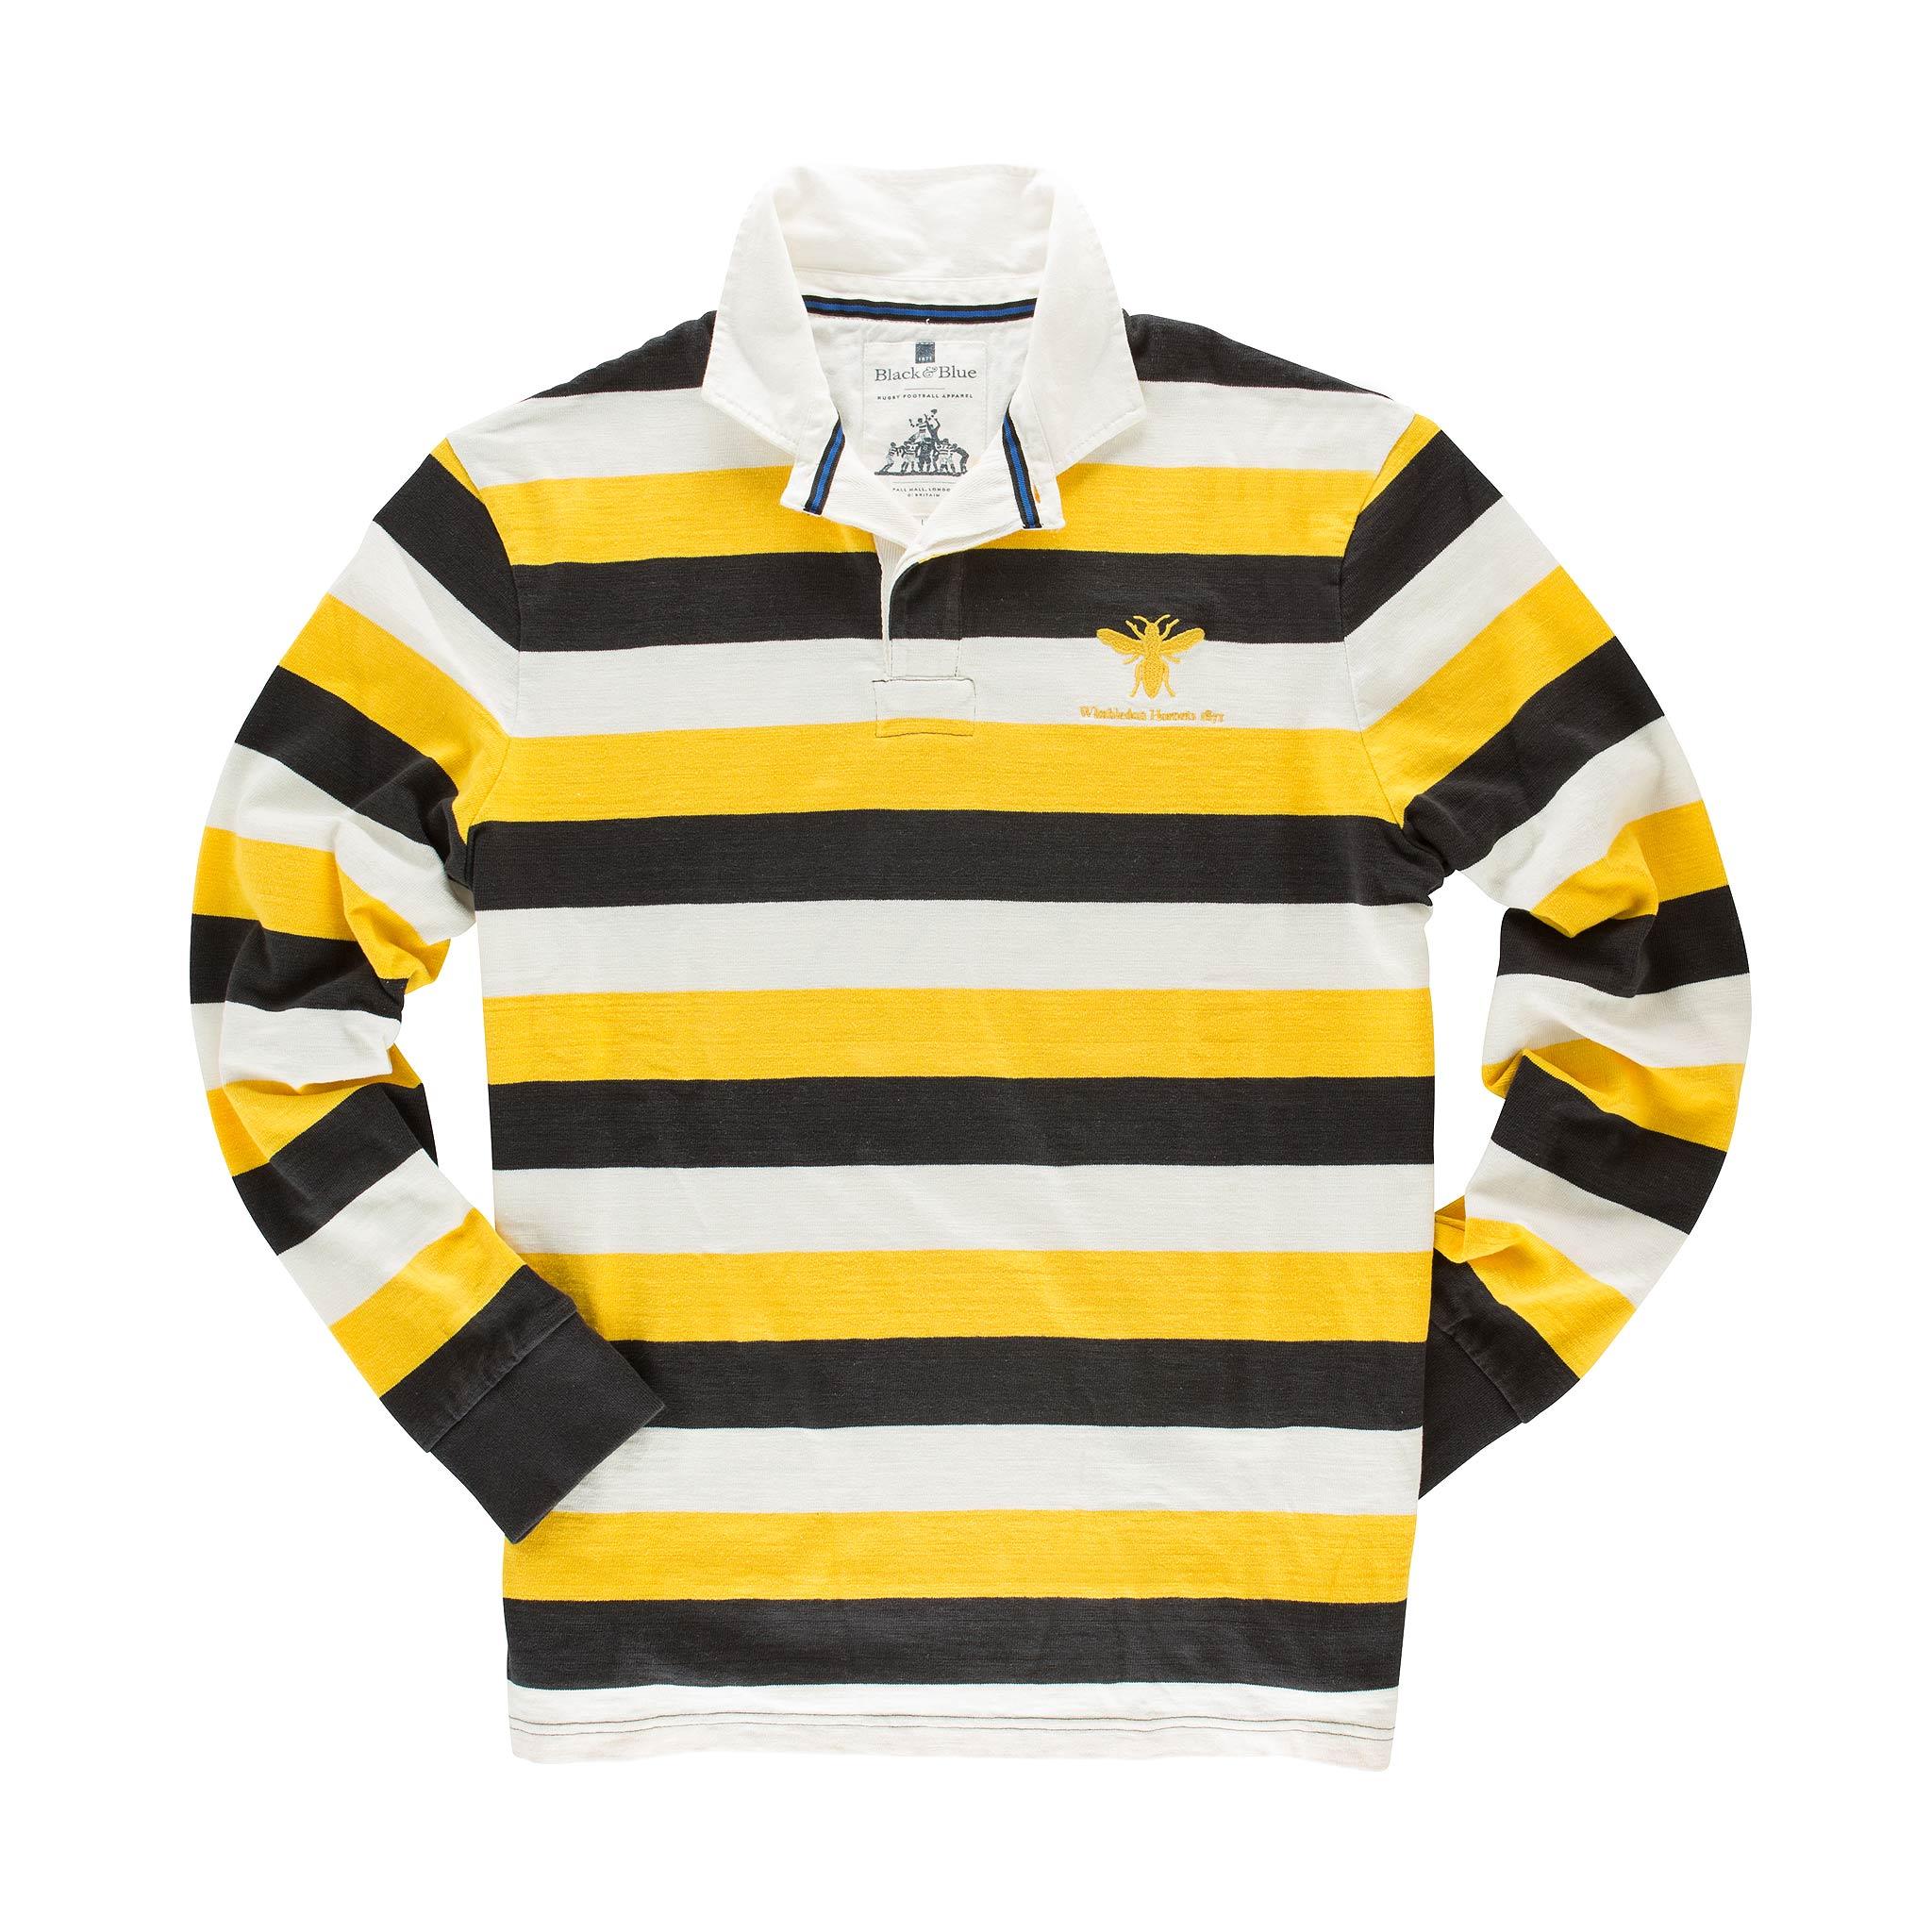 Wimbledon Hornets 1871 Rugby Shirt - front